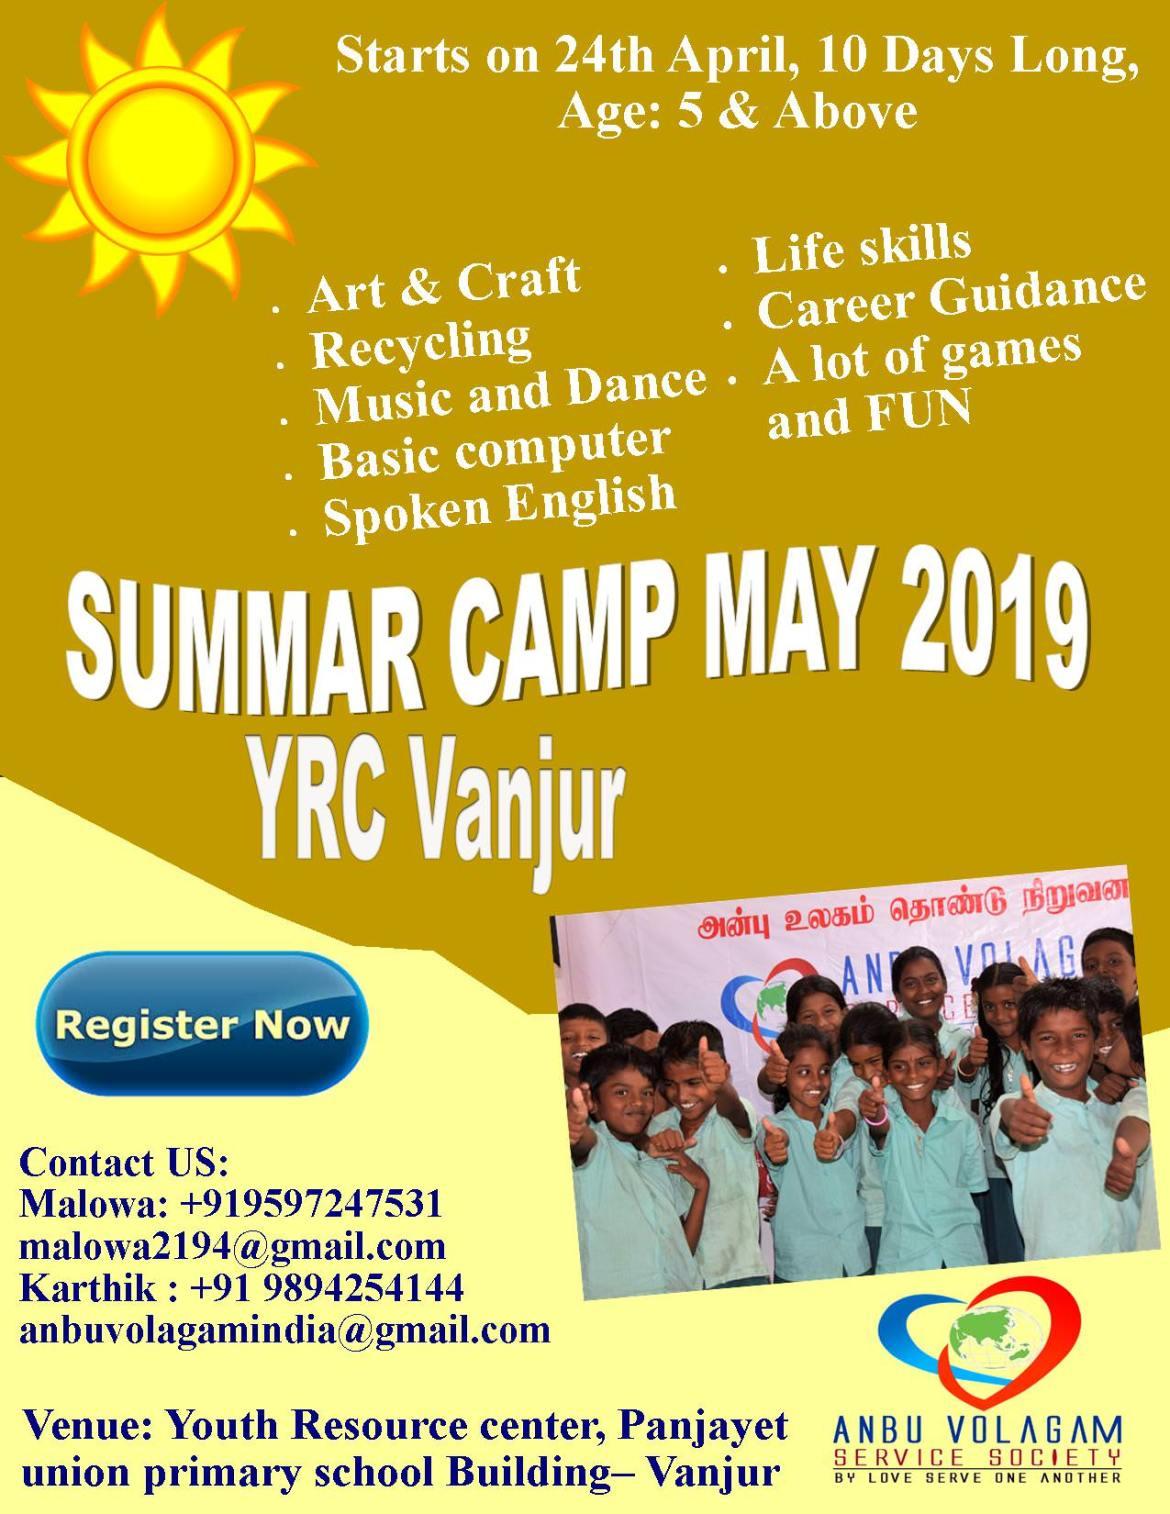 Summer Camp- YRC Vanjur May 2019 | Milaap